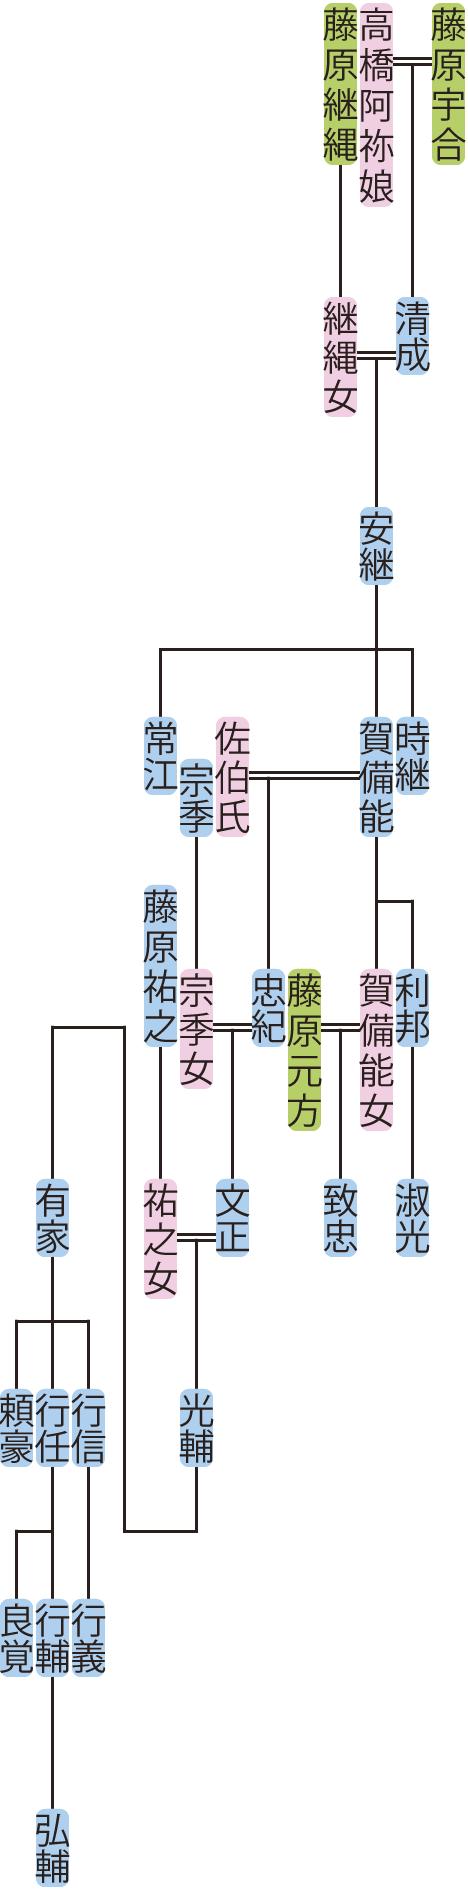 藤原安継の系図